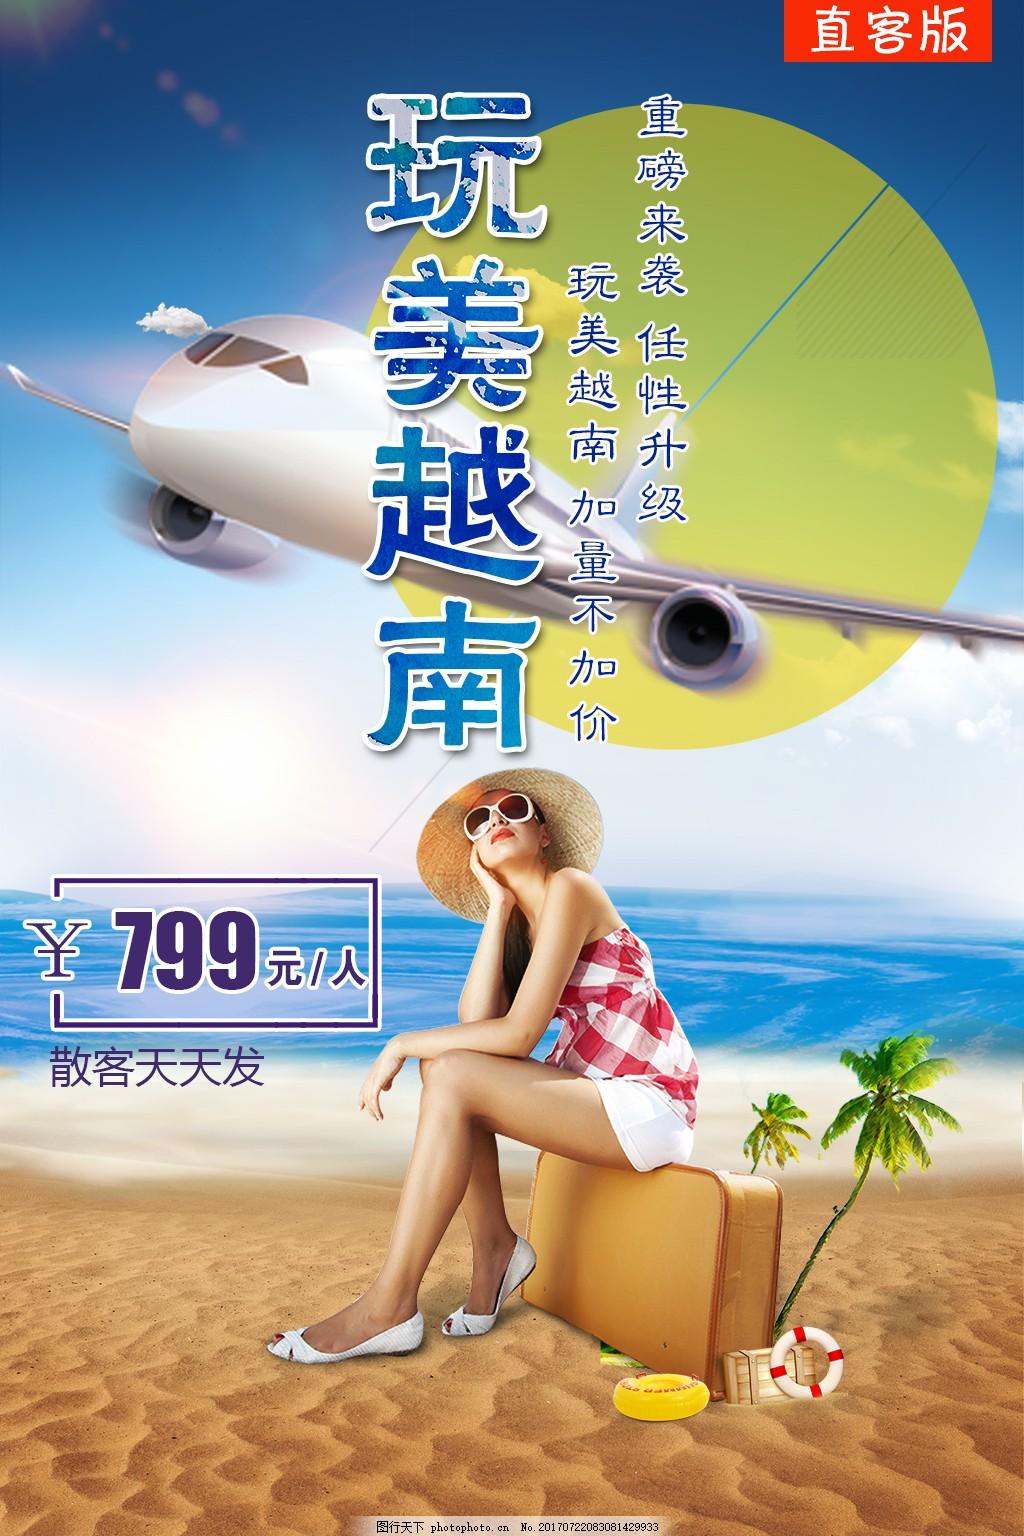 完美越南nitu 吉婆岛旅游 越南印象 越南风景 越南风光 越南美食